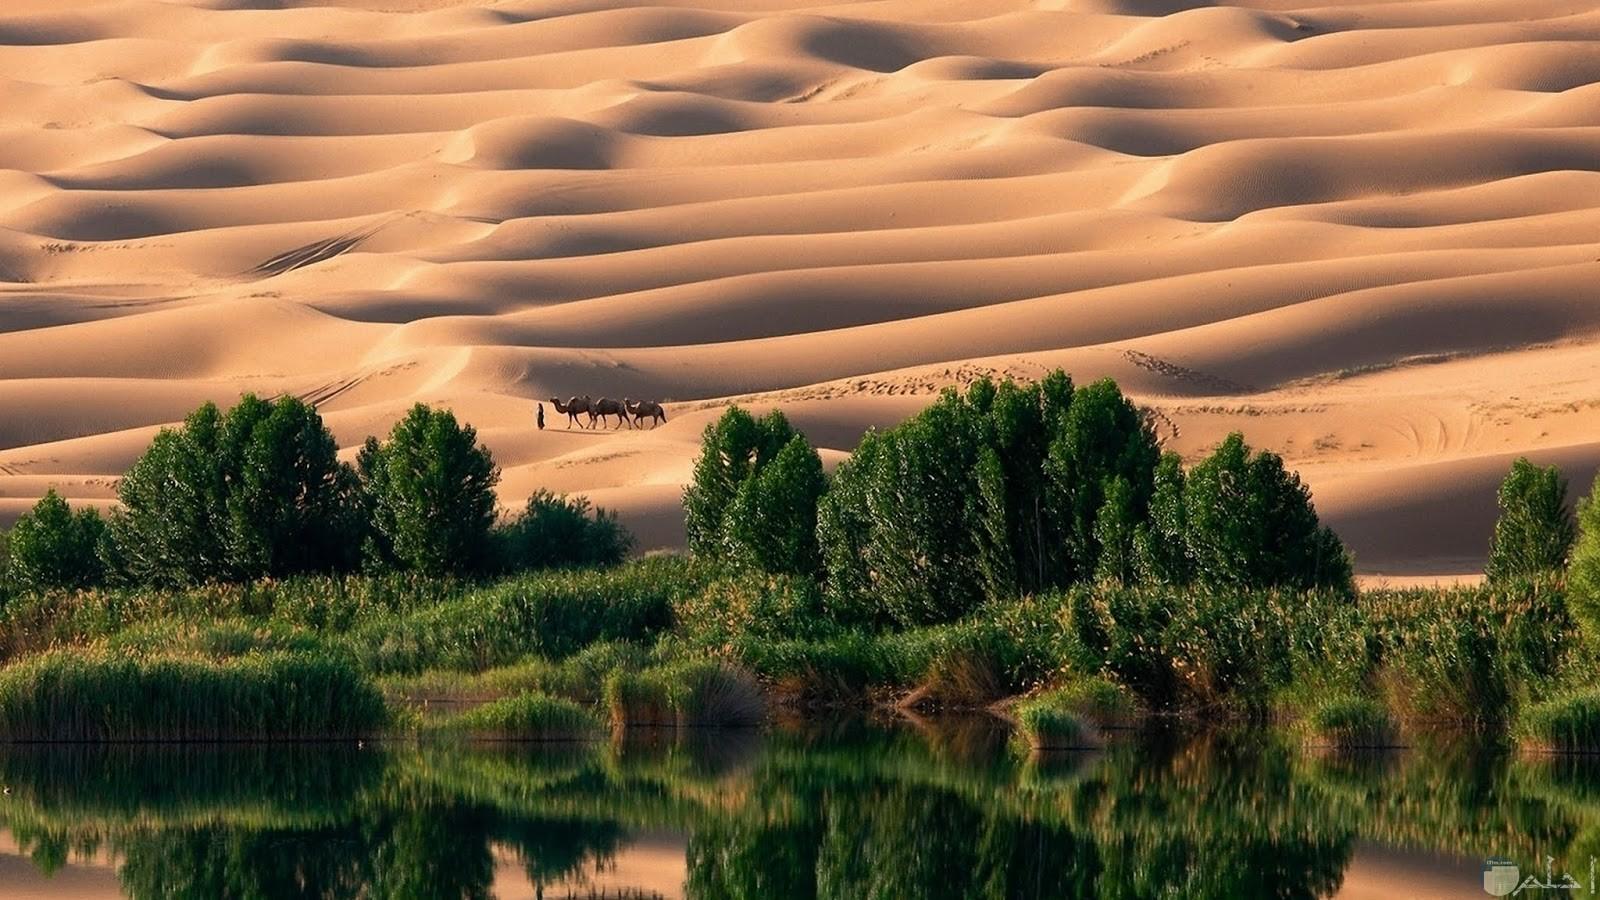 جمال الصحراء مع الطبيعة الخضراء و عيون الماء و الآبار العذبة.